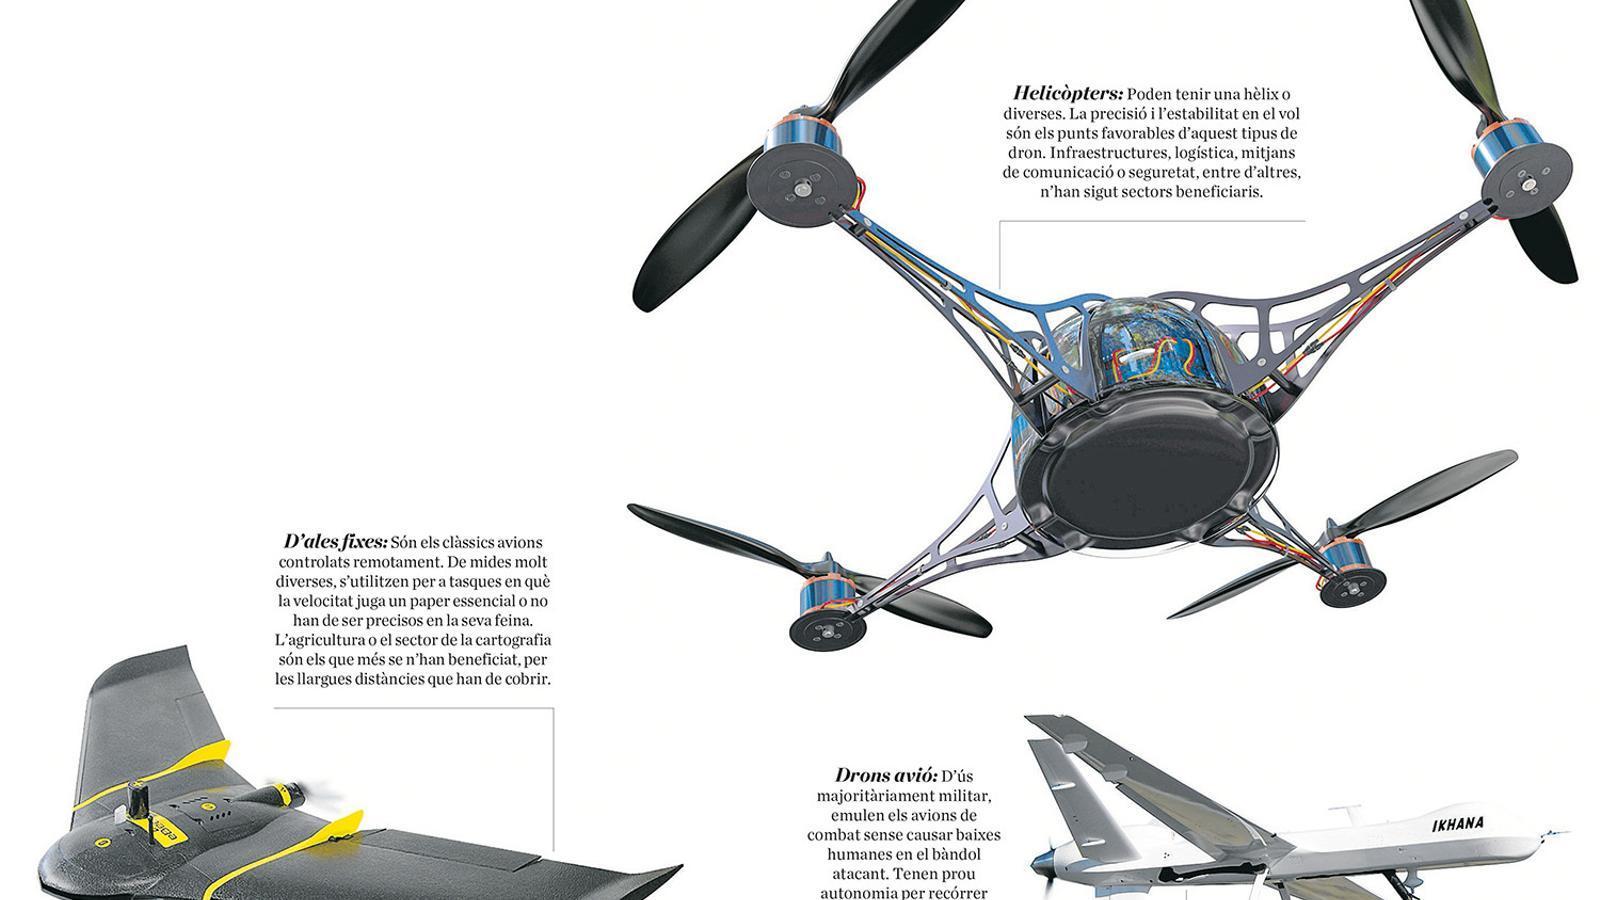 Aprendre a conviure amb els drons